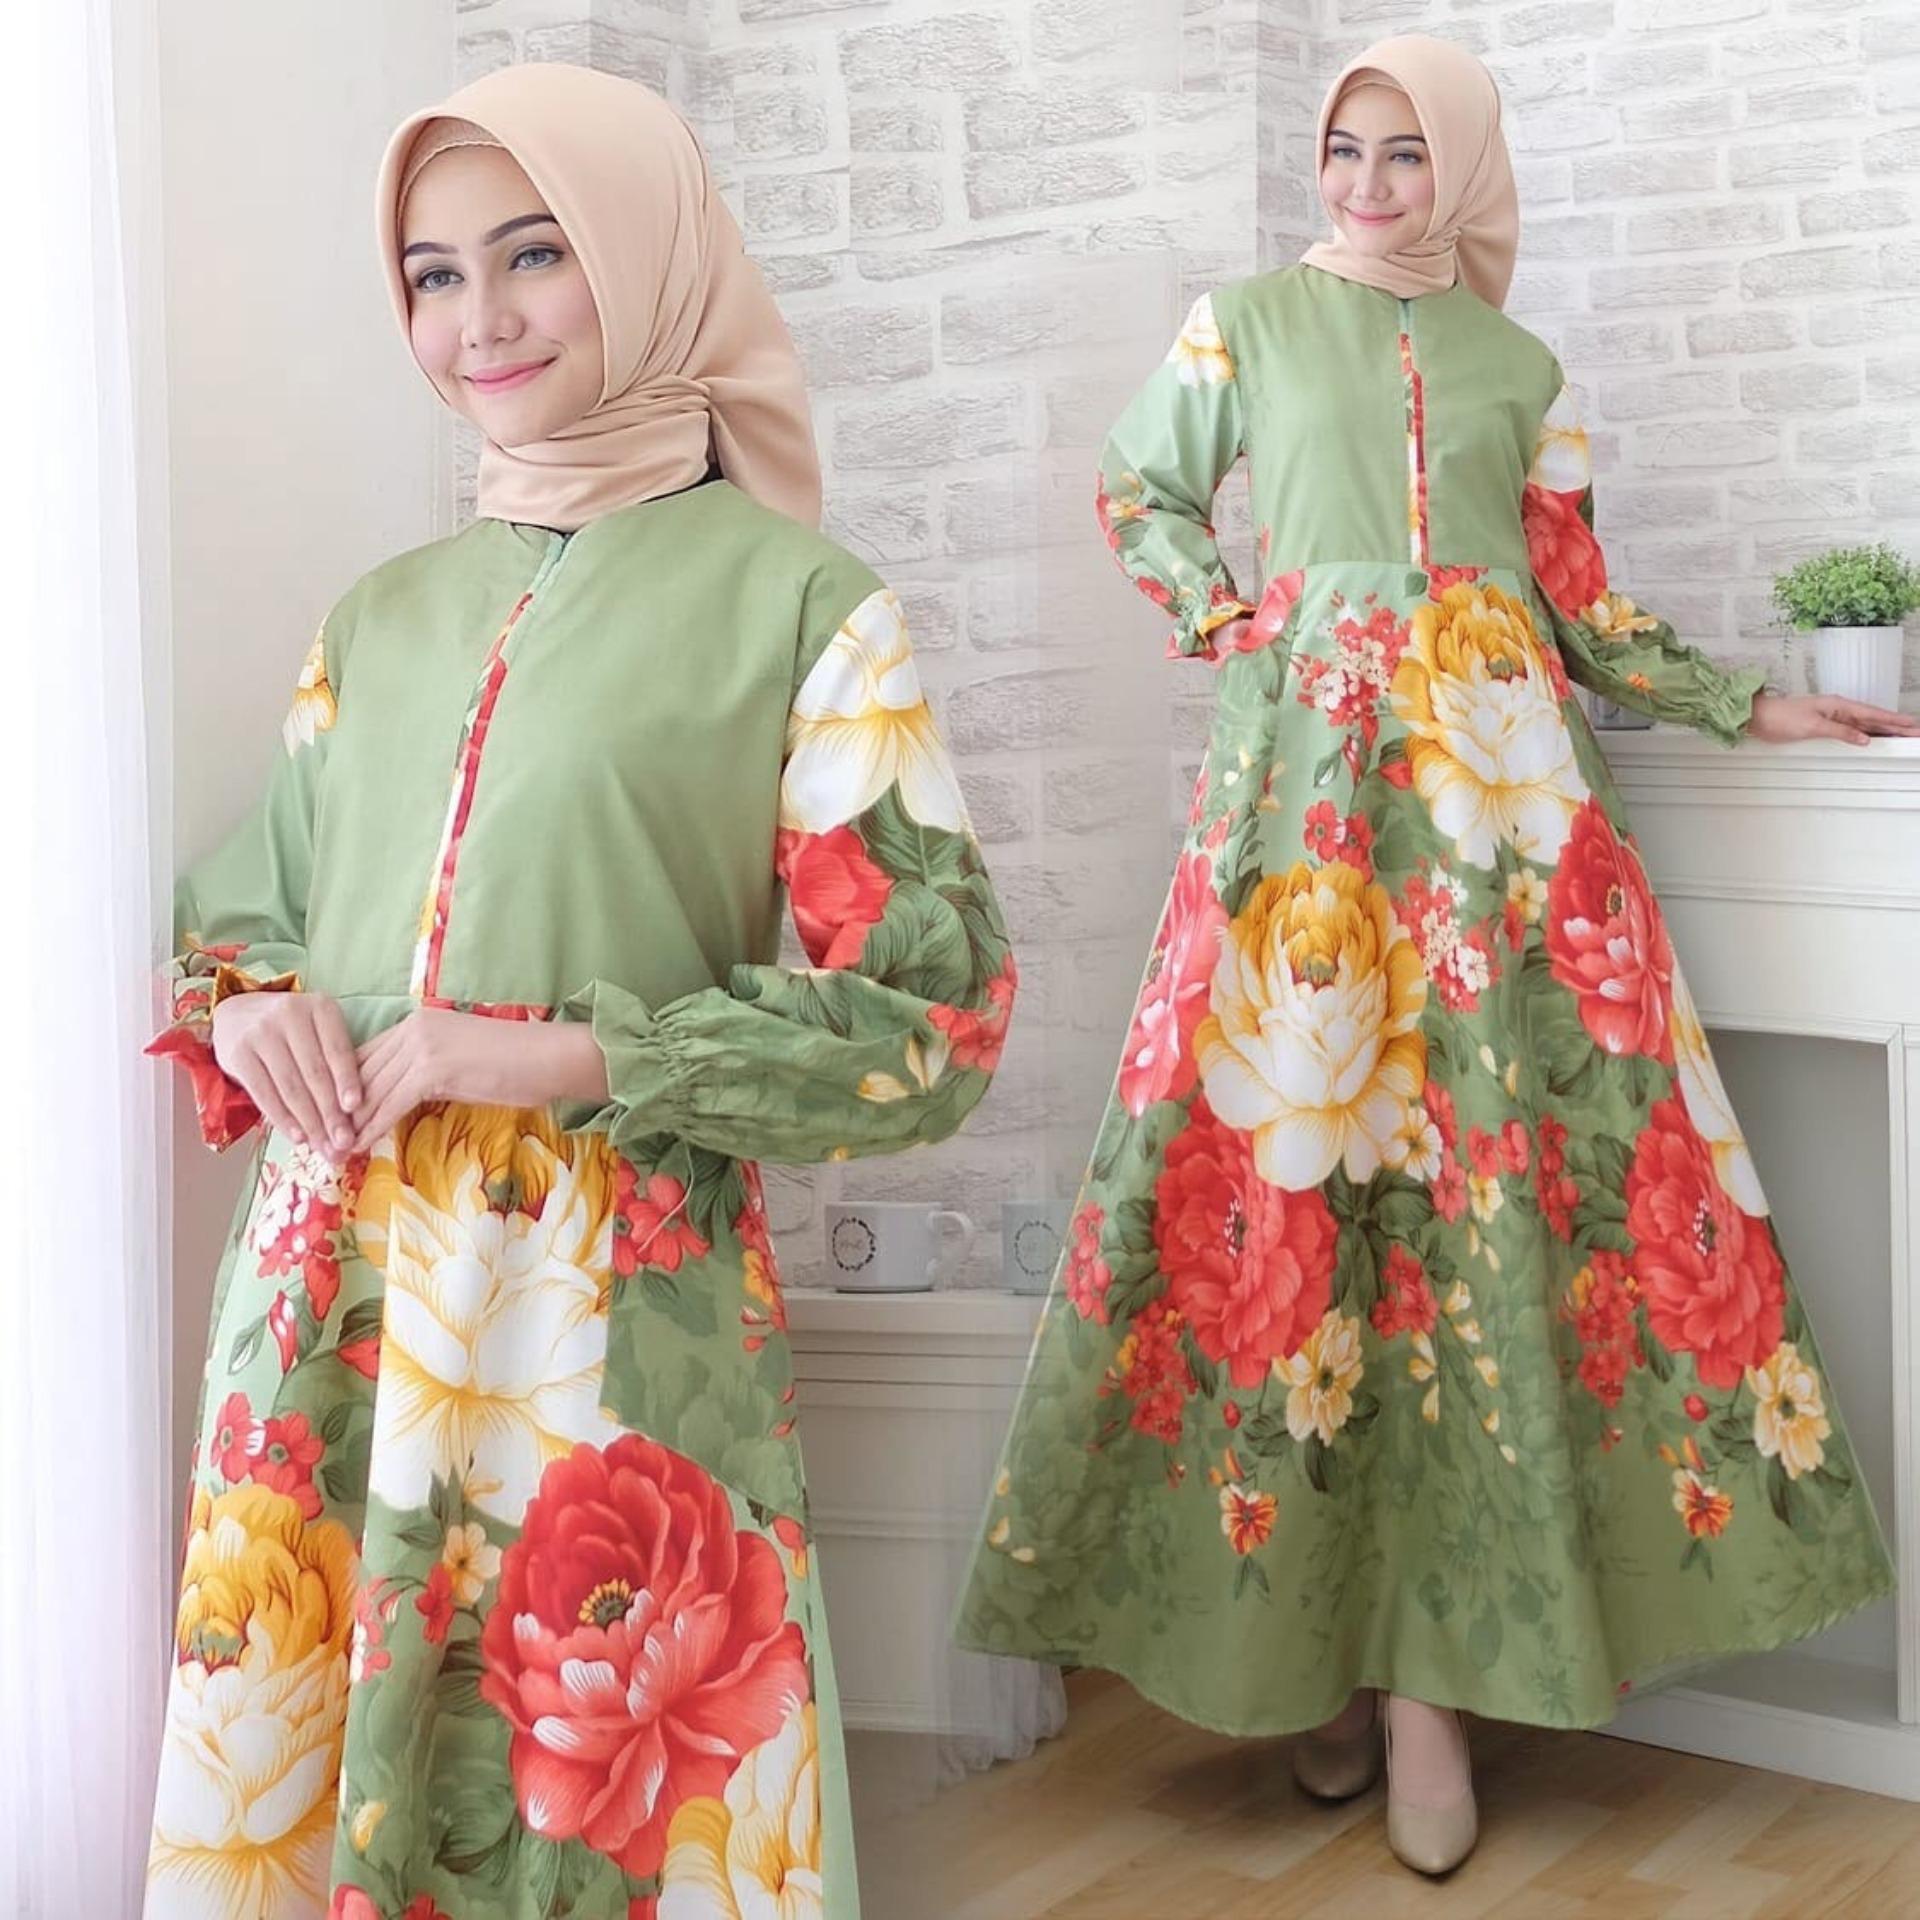 Luaran Muslim Wanita Terlengkap Mutif M133 Atasan Dewasa Hitam Abu Misty Maxi Dress Lengan Panjang Busui Katun Jepang Motif Msr290 Gamis Syari Kasual Gaun Muslimah